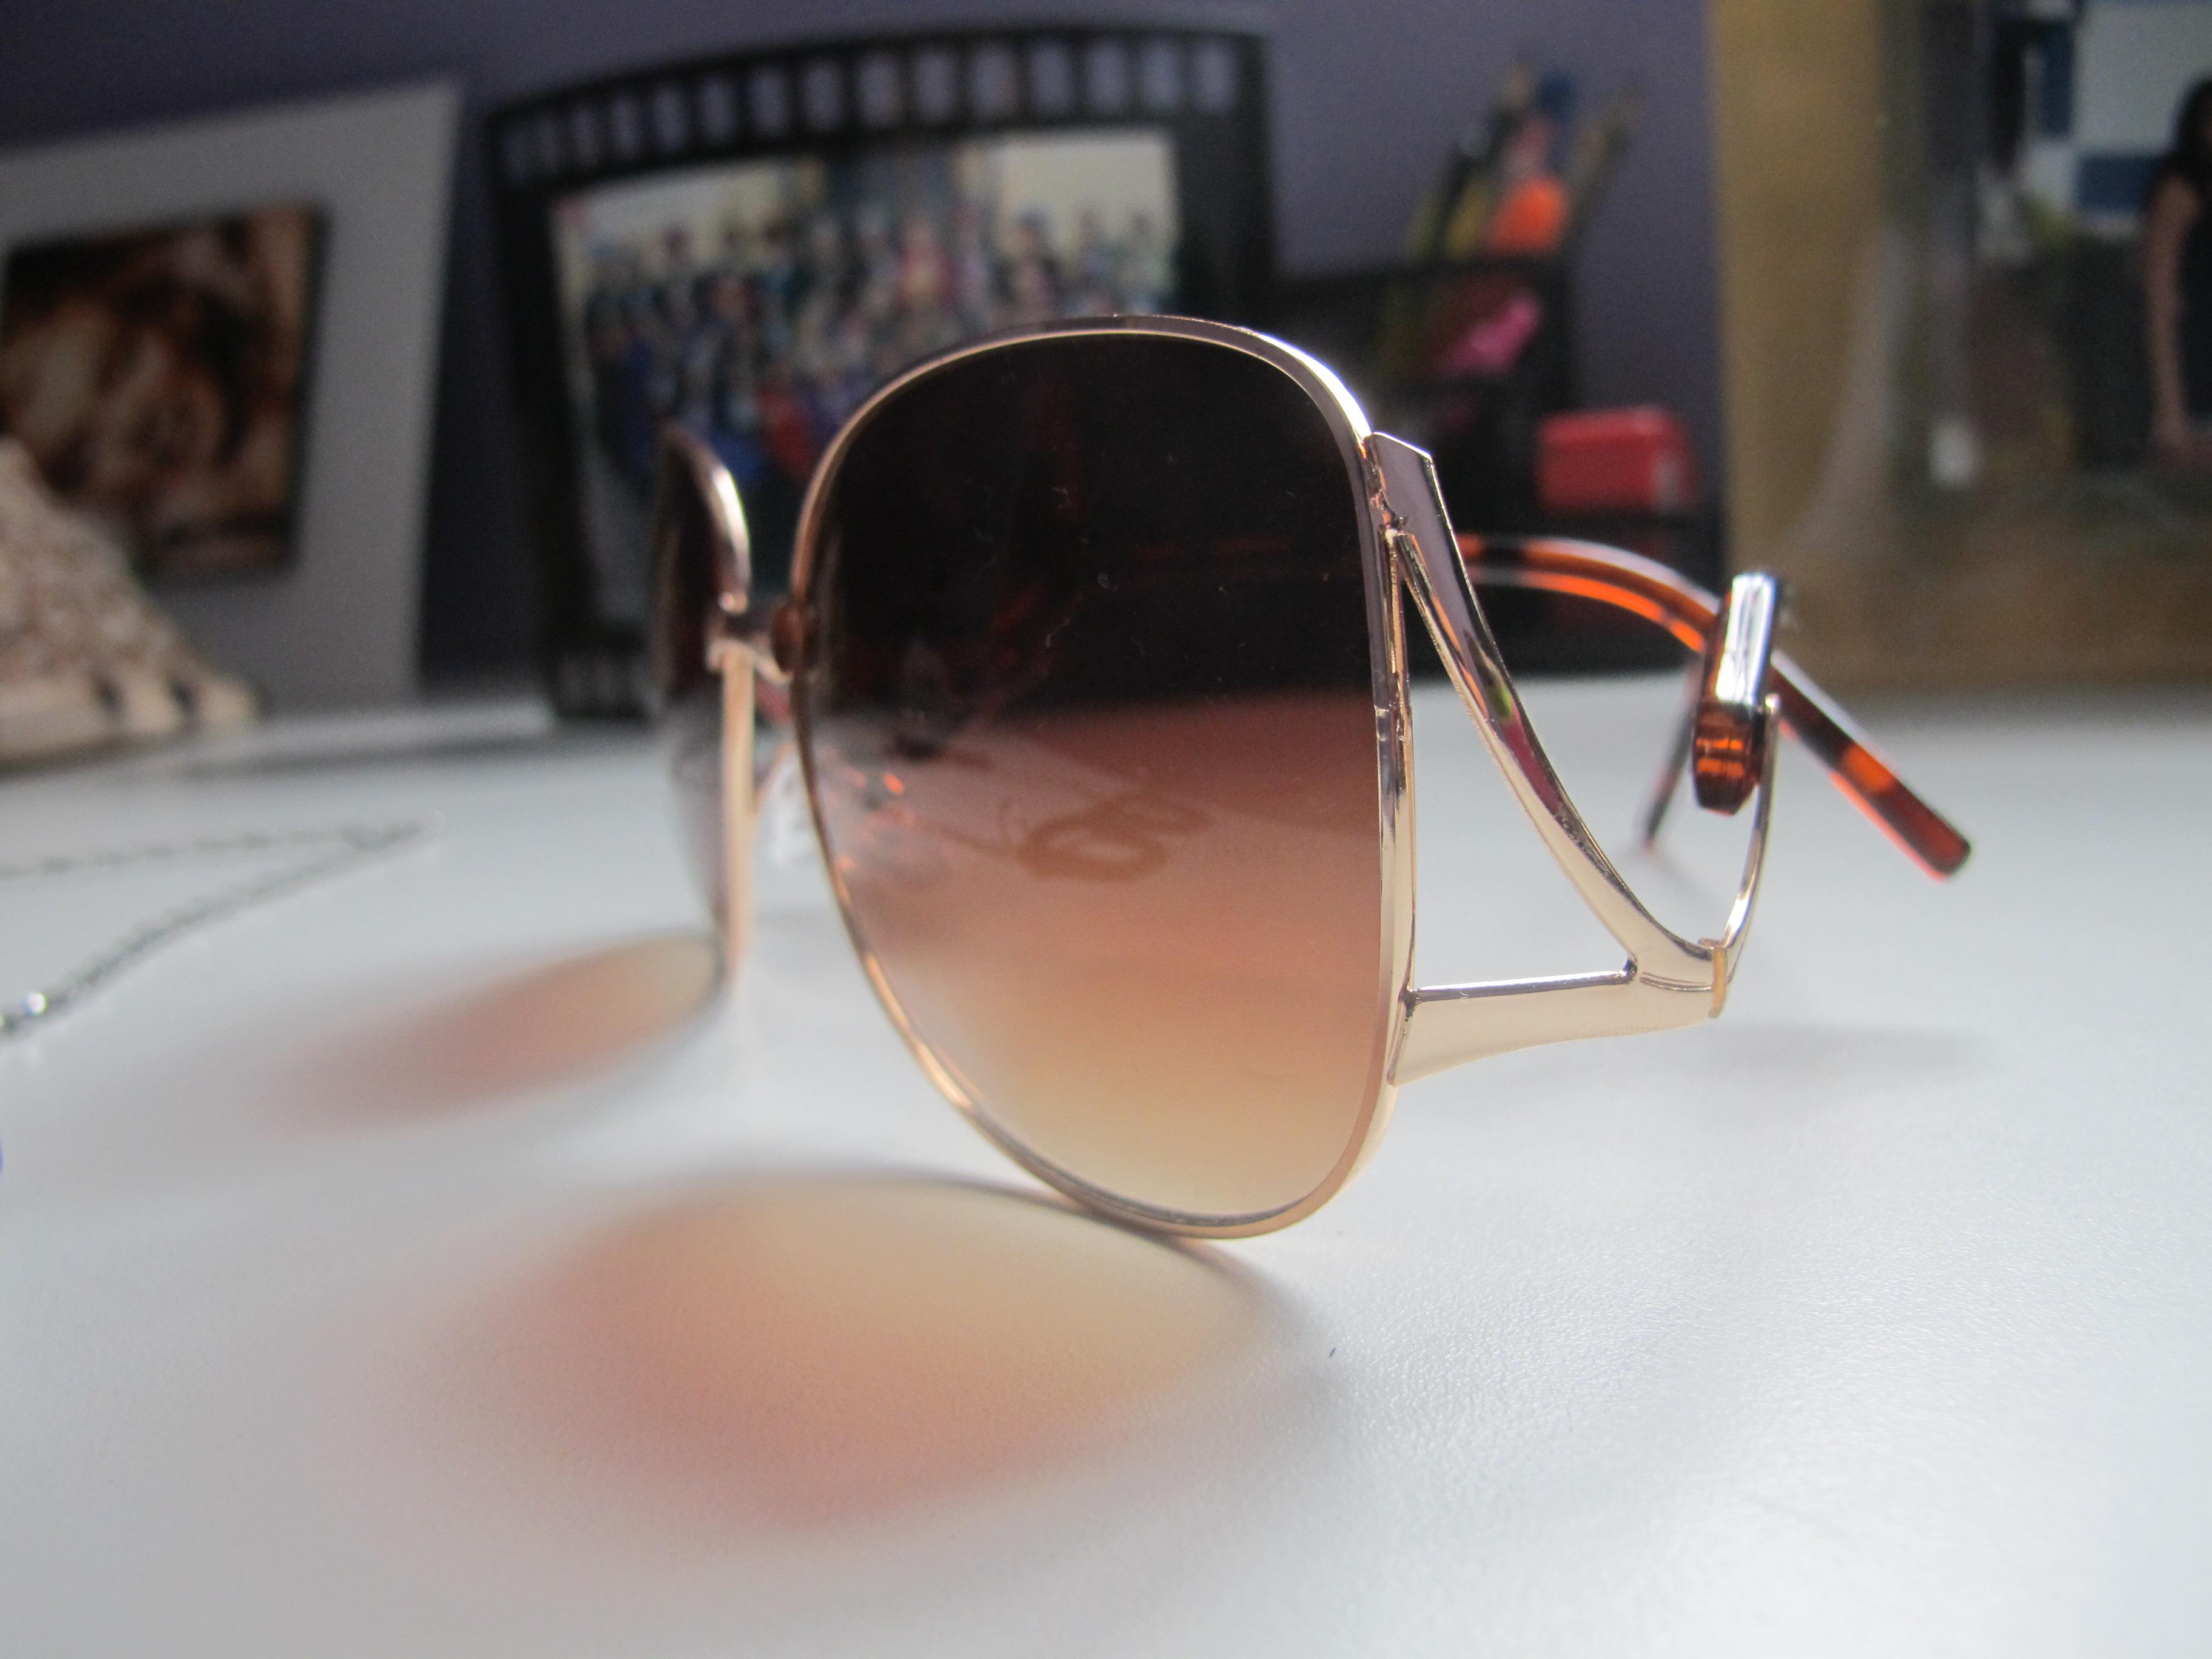 Esse óculos foi amor a primeira vista. Na Hype, do querido João Lucena, por  apenas  35. Puro luxo e ryqueza, viu  Me senti nas praias de Saint Tropez.  haha 6a261edcbe